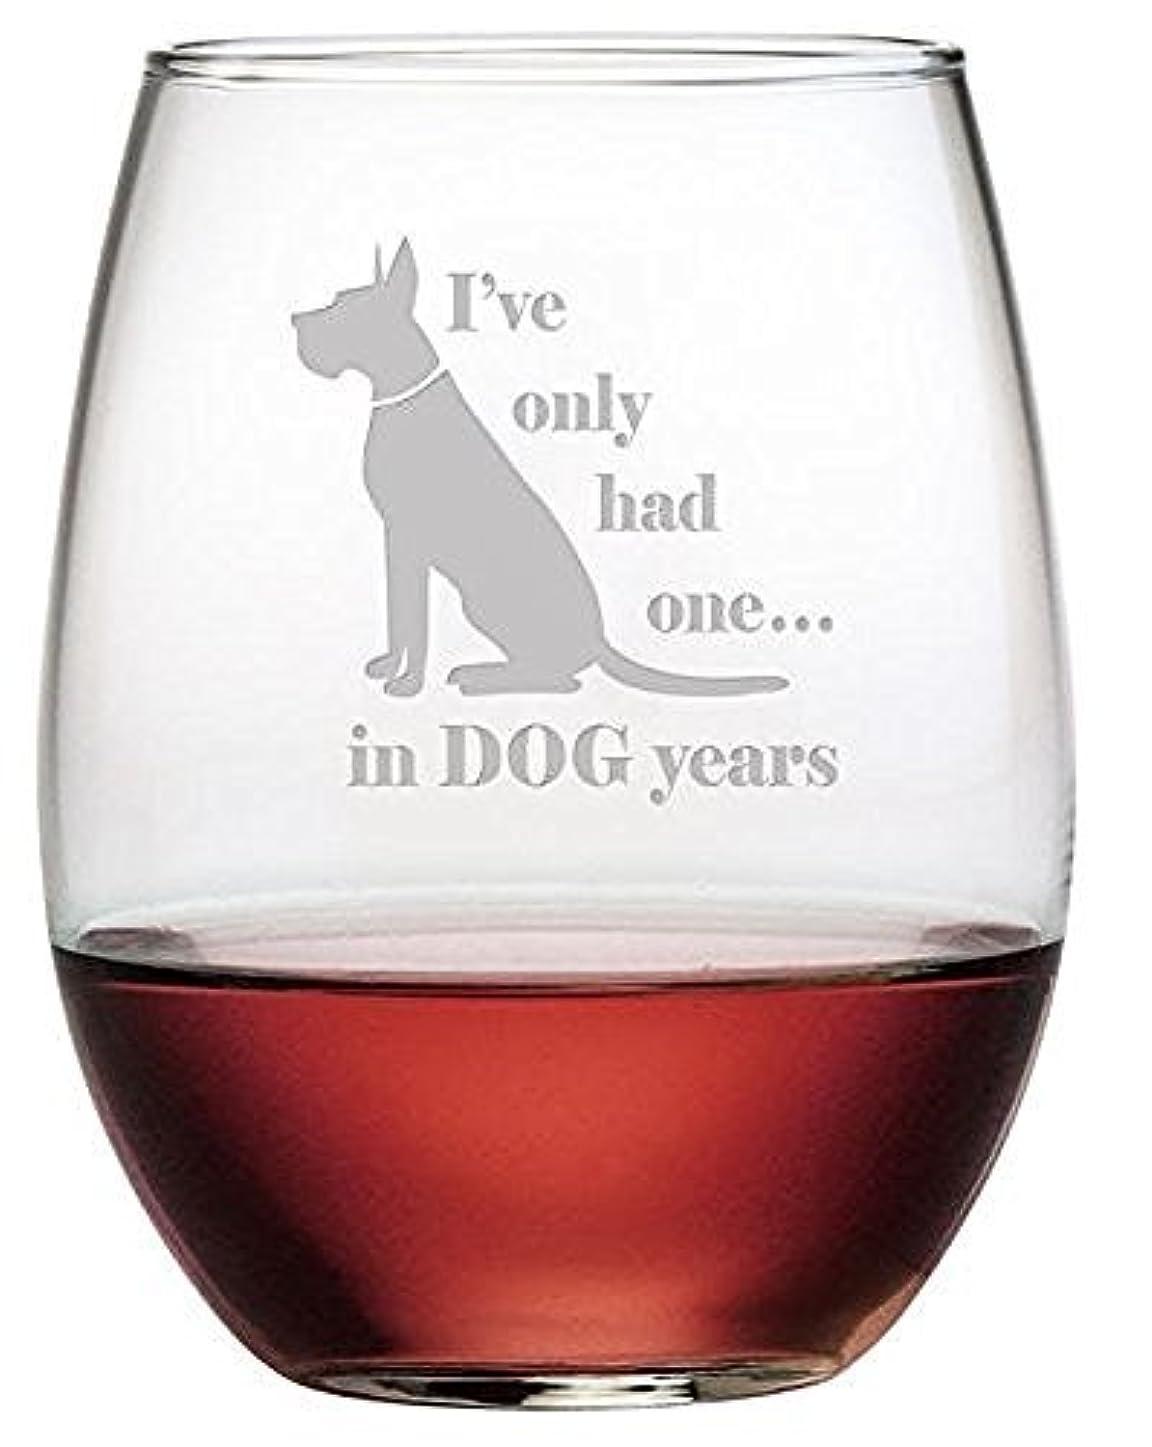 原稿弁護士教育学Susquehannaガラス私はほんの1つ。。。in Dog Years Etched Stemlessワインガラス、1ピース